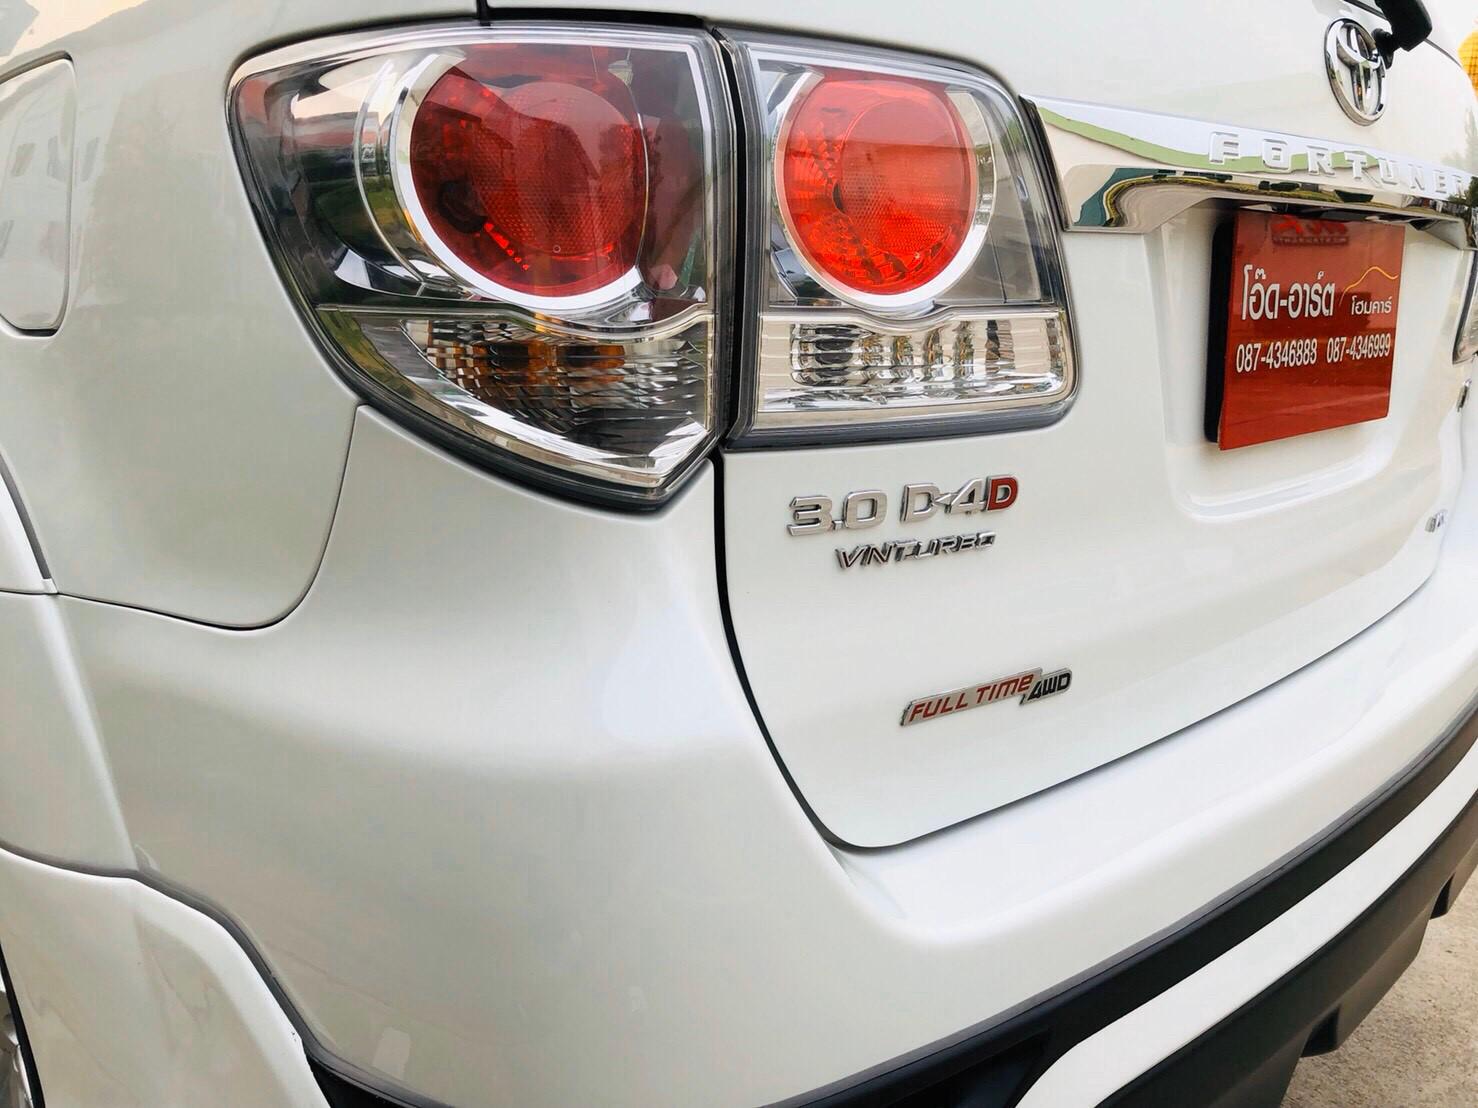 ภาพไฟท้าย โตโยต้า ฟอร์จูนเนอร์ 3.0 V 4WD ปี 2013